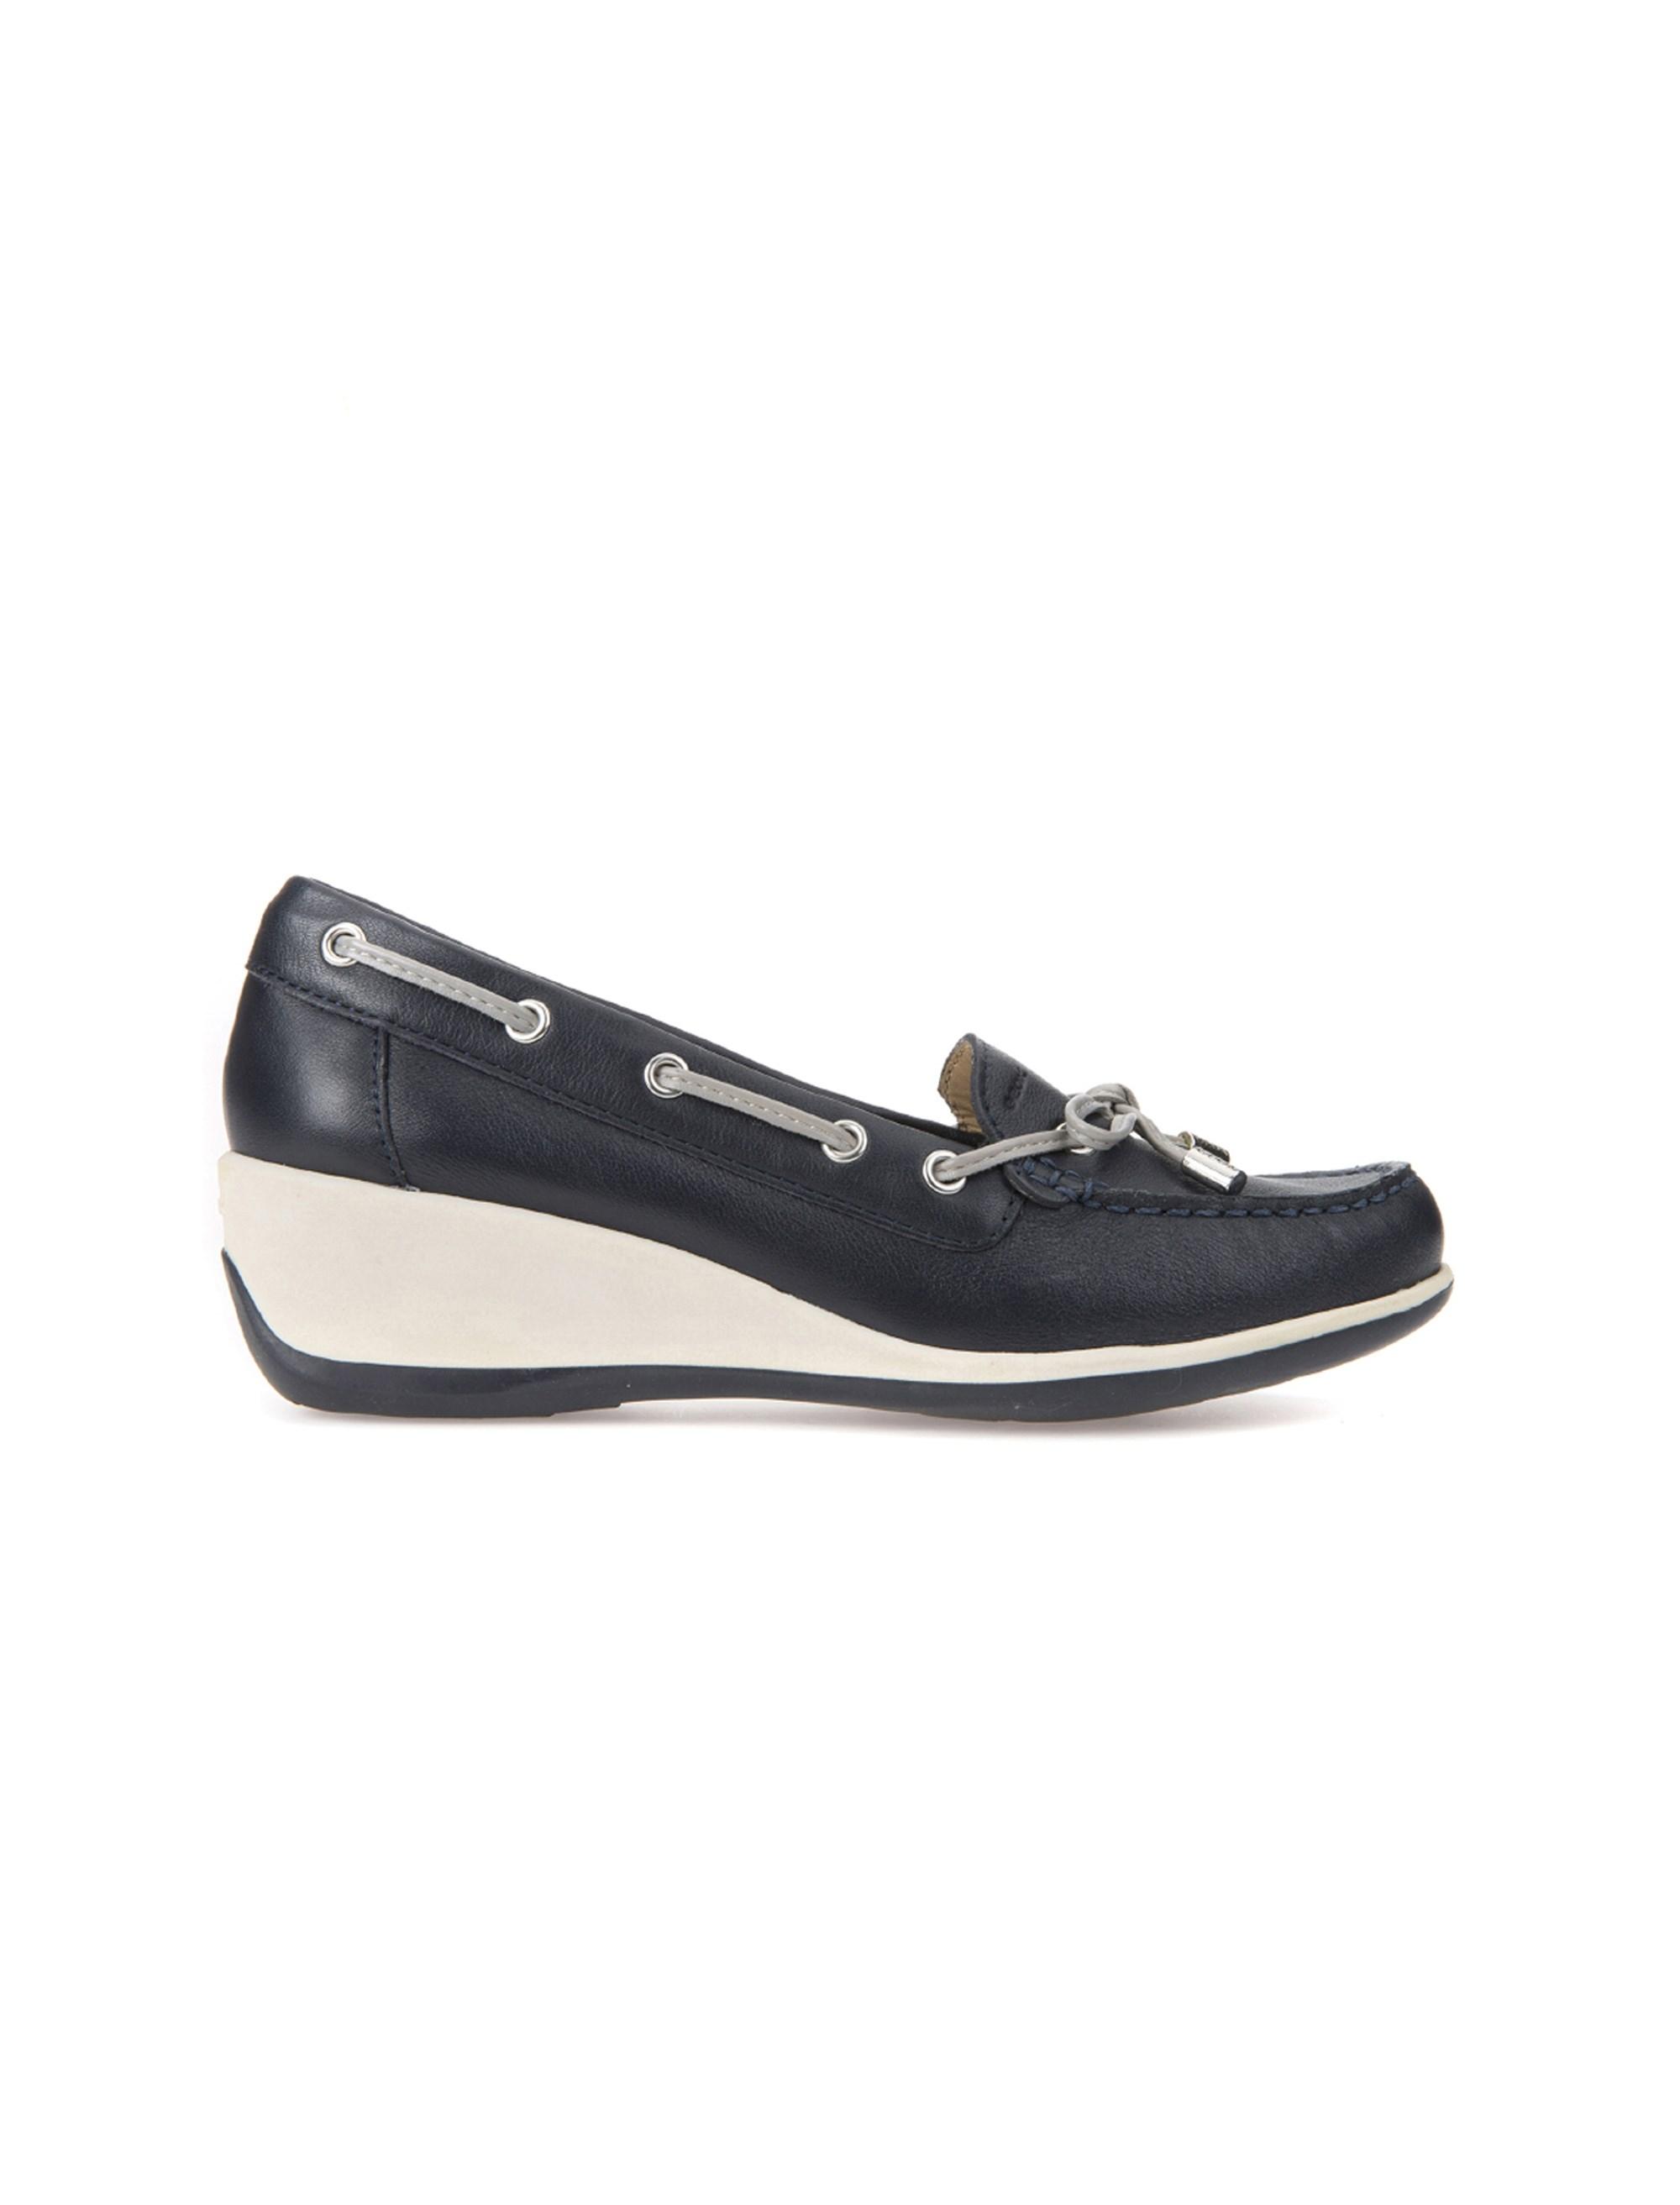 کفش لژ دار چرم زنانه Arethea - جی اوکس